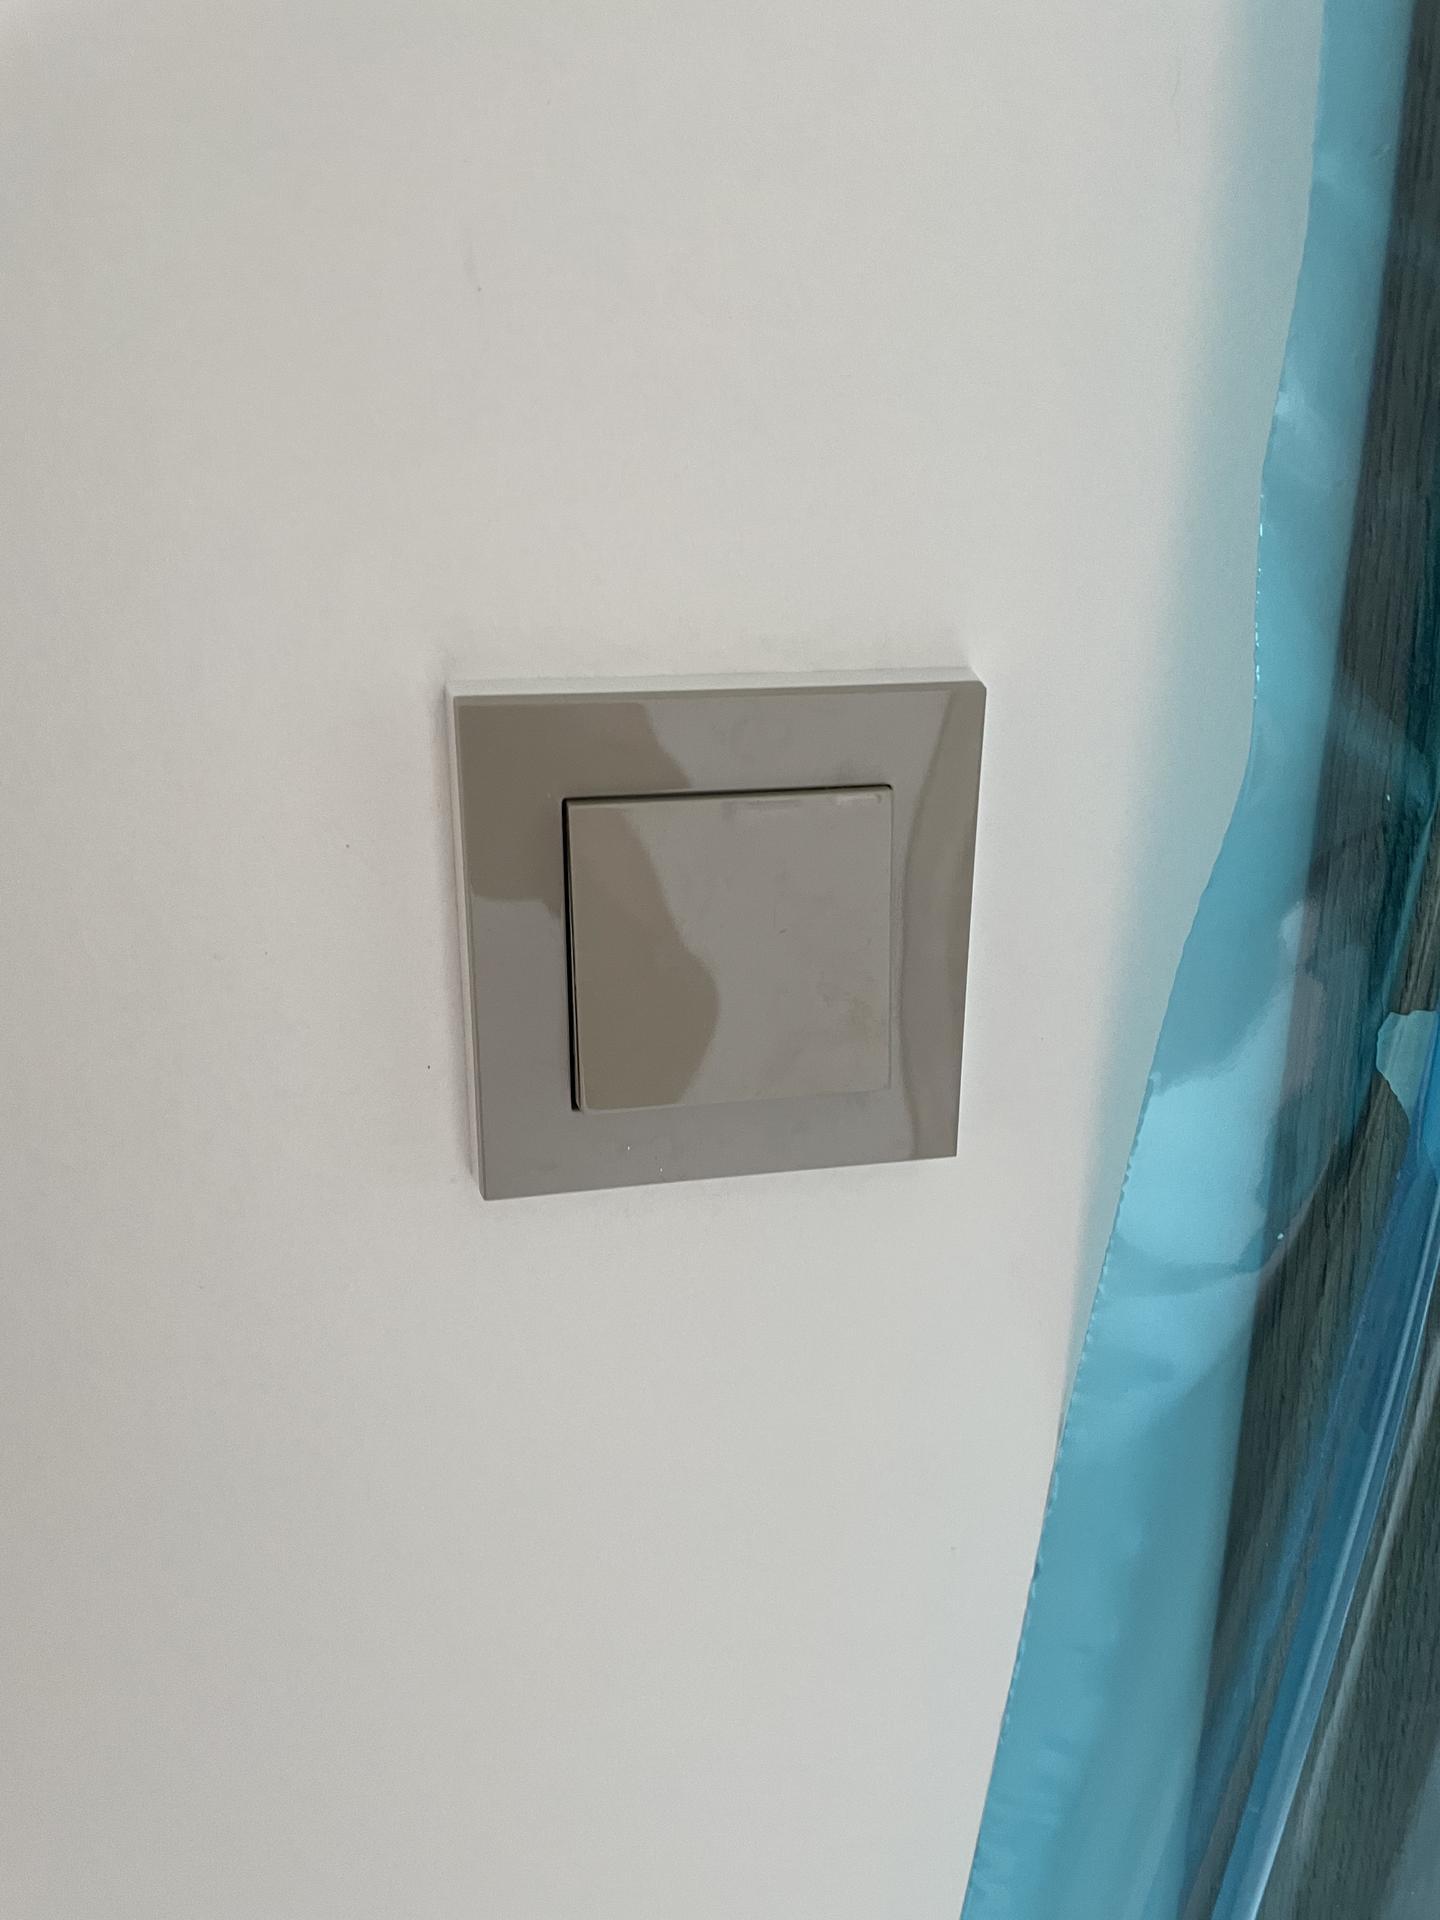 Naše nové doma - Osazujeme vypínače a zásuvky. ABB levit